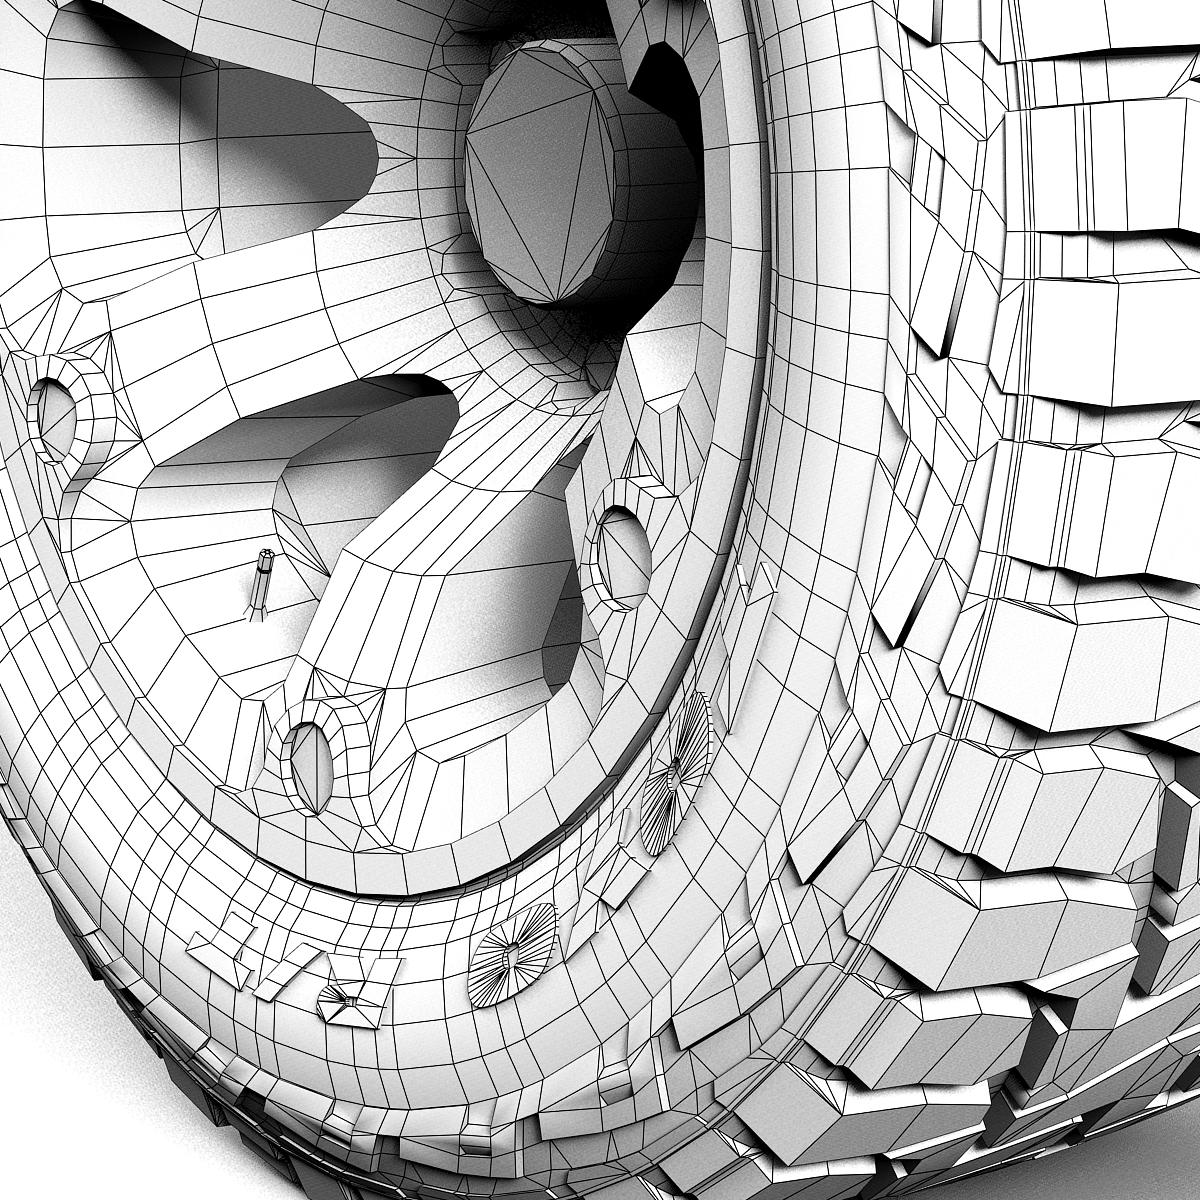 off road wheel and tire 2 3d model 3ds max fbx tga targa icb vda vst pix obj 224423